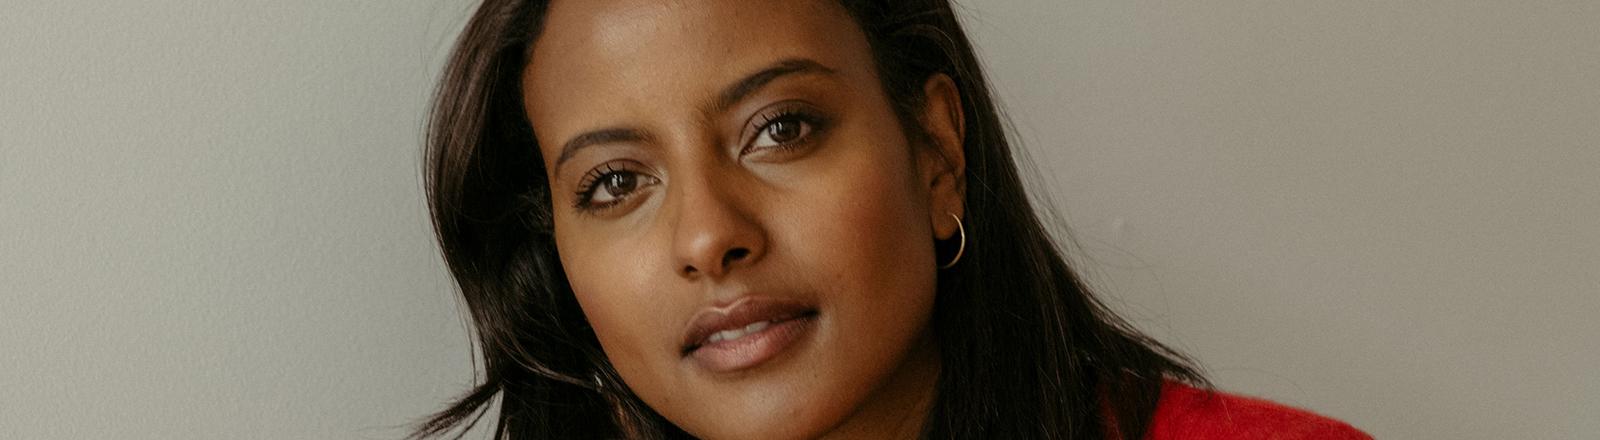 Model und Unternehmerin: Sara Nuru